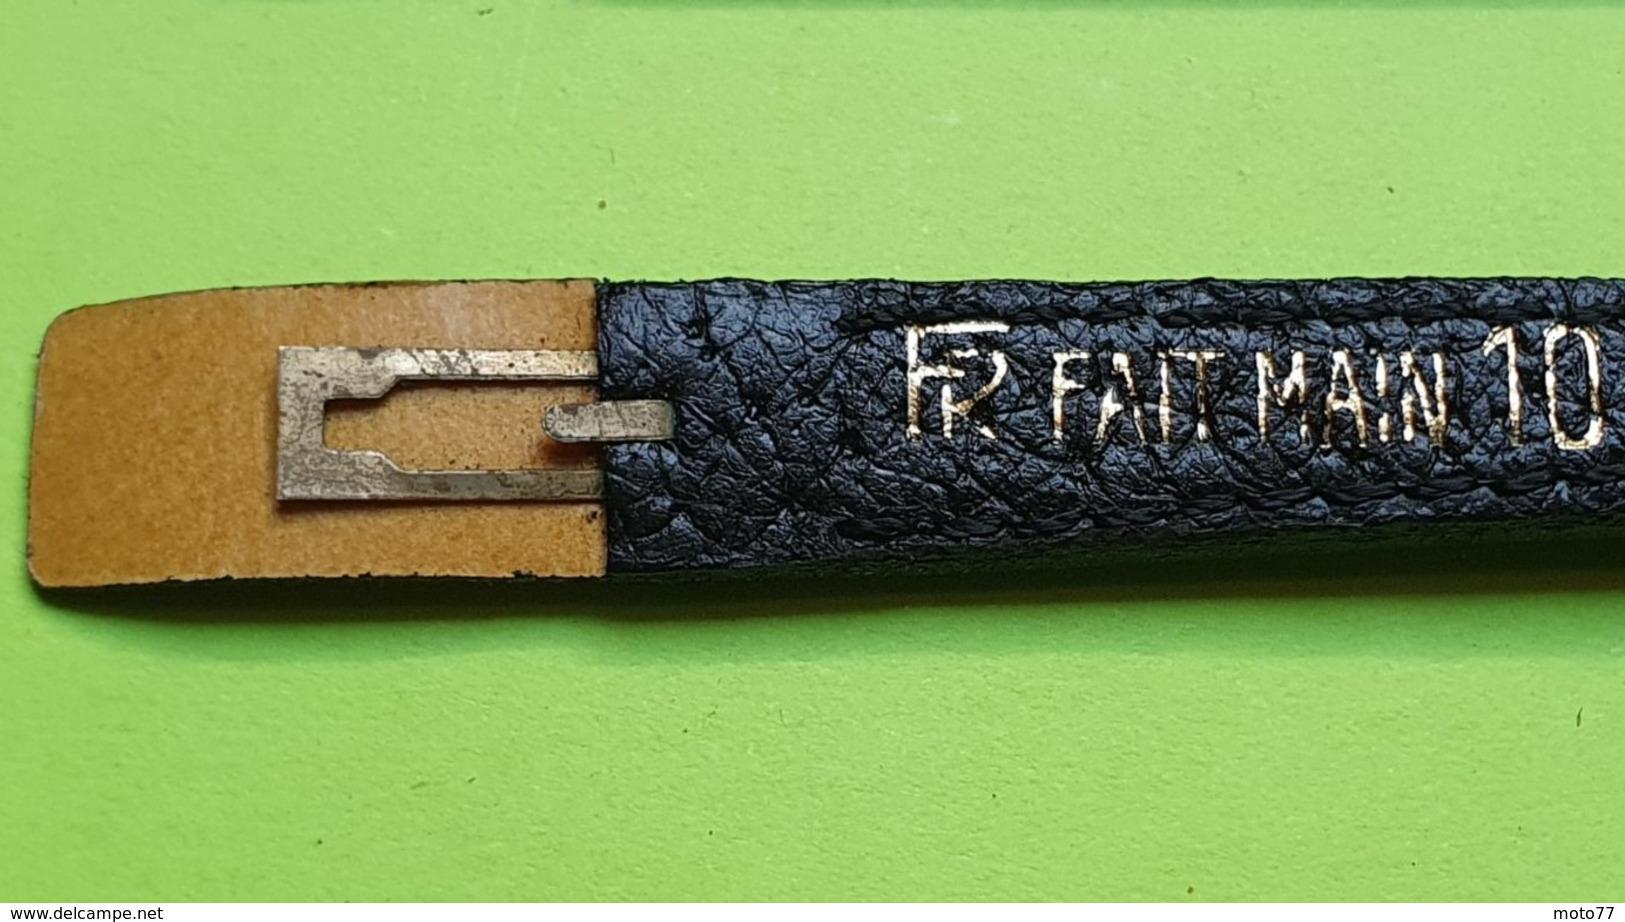 BRACELET Pour Montre Ancienne -Box Sur Cuir Noir-Boucle Argentée- Taille 10 -Longueur Total 16.5 Cm- NEUF De Stock- 1950 - Watches: Old